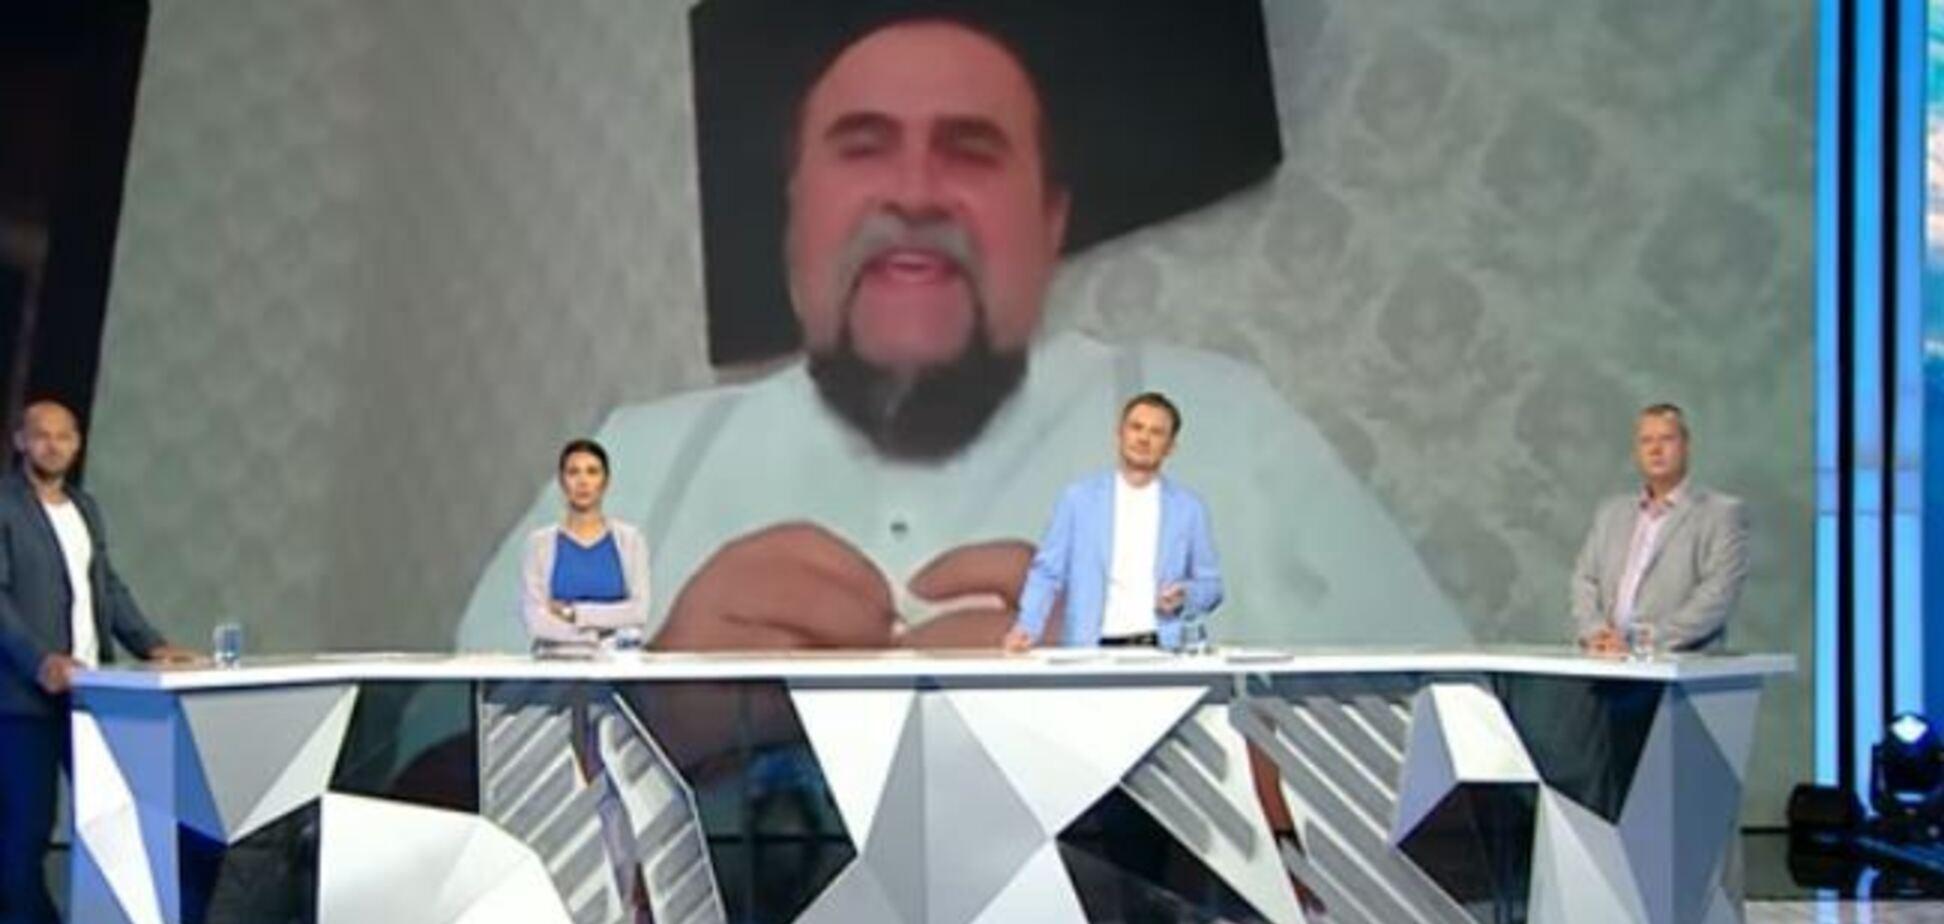 'Пара калік прийде на парад!' Охрименко в прямому ефірі образив воїнів ООС